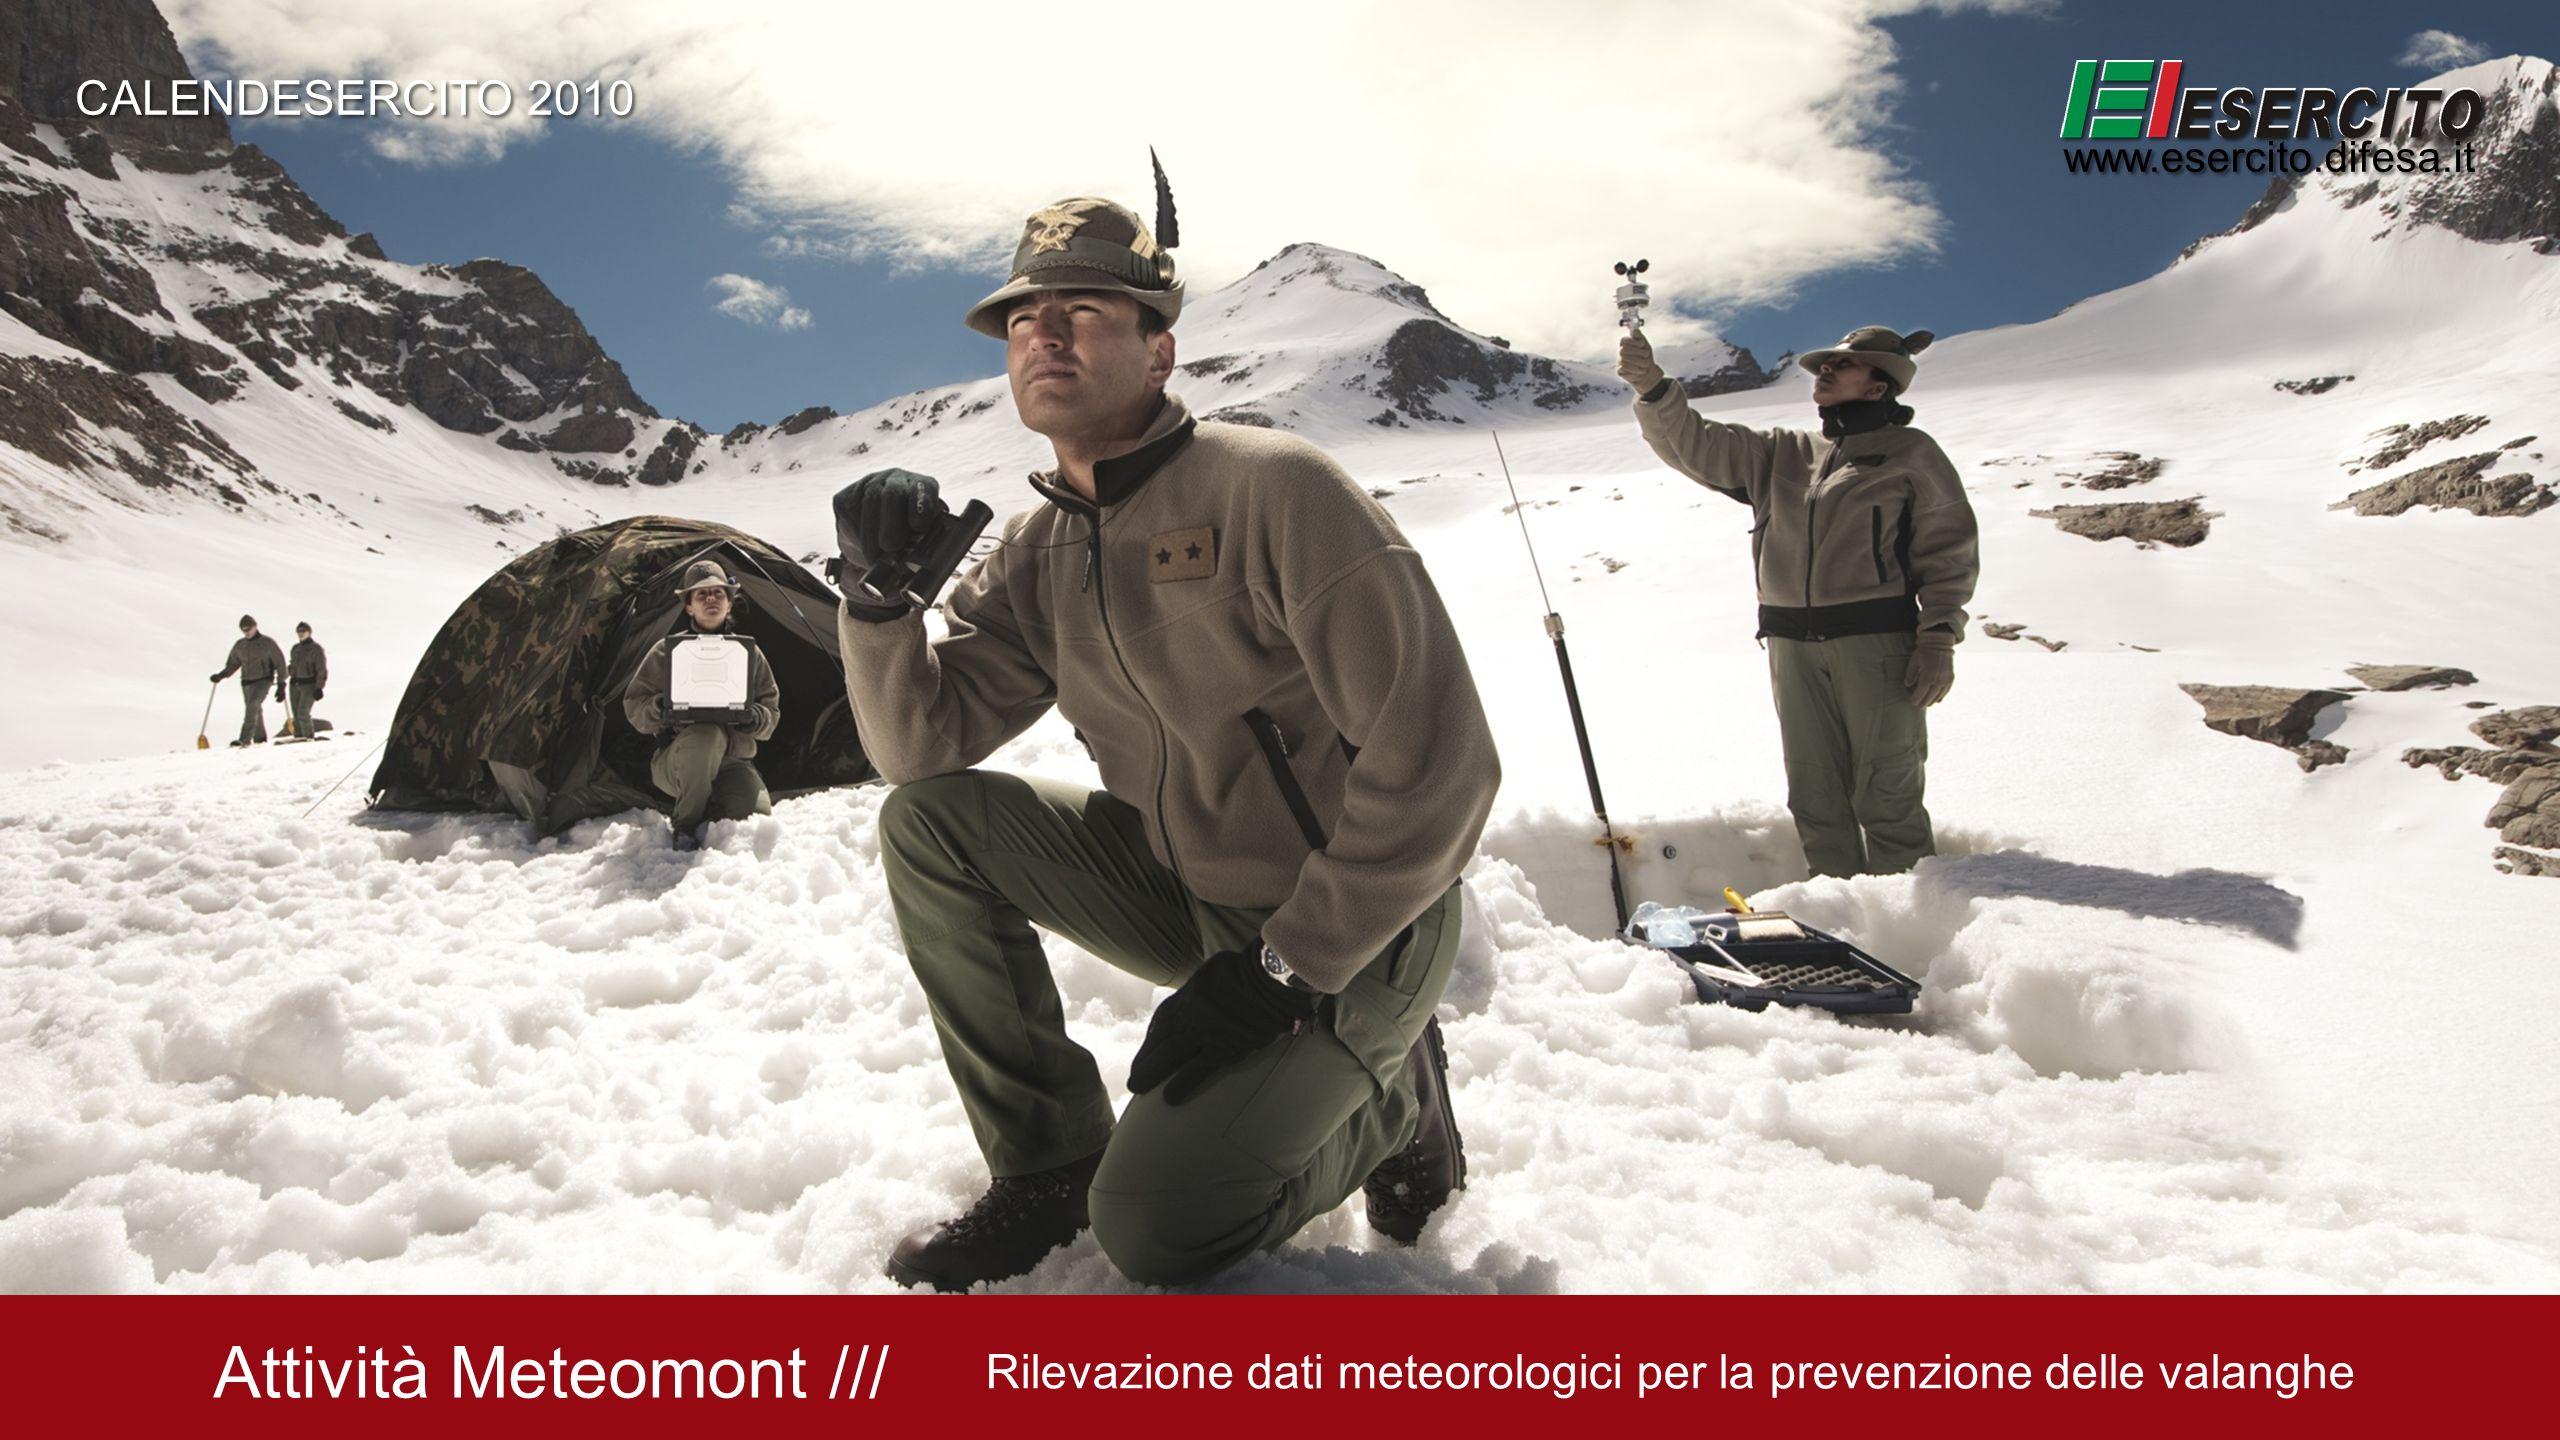 Attività Meteomont /// Rilevazione dati meteorologici per la prevenzione delle valanghe CALENDESERCITO 2010 www.esercito.difesa.it